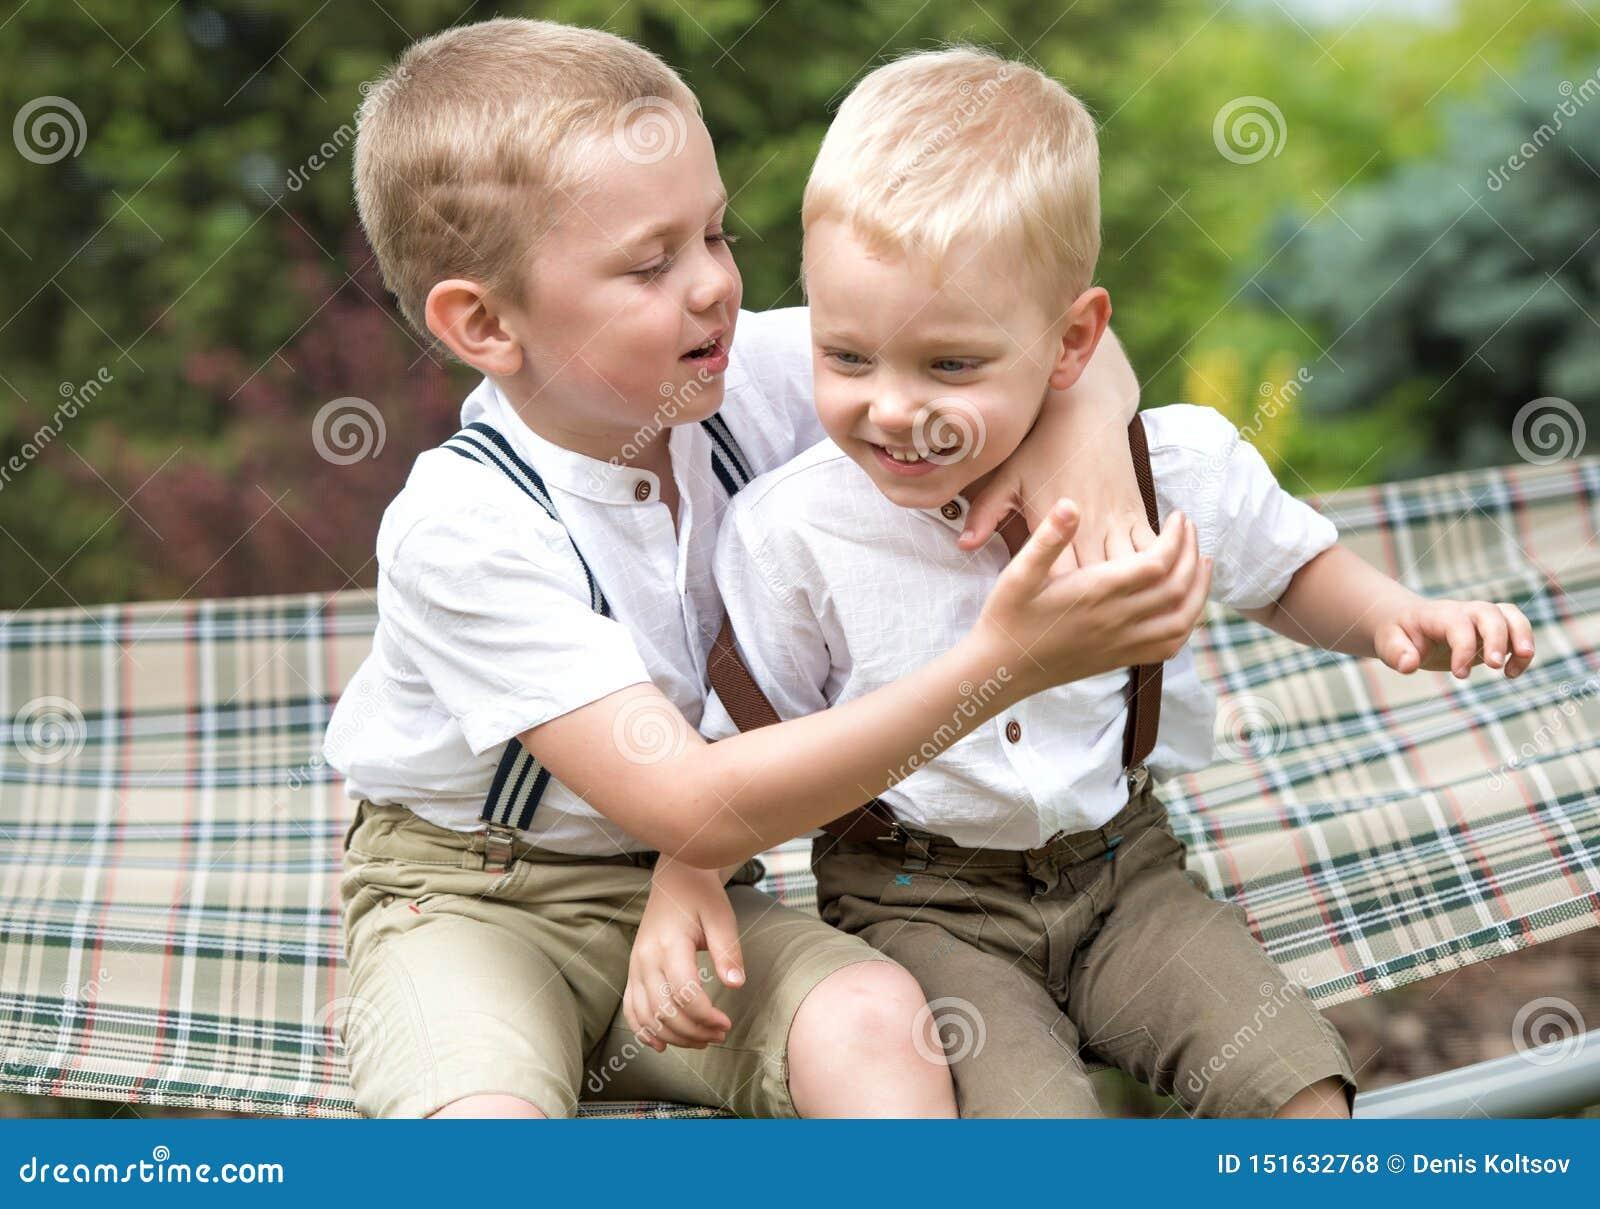 Οι δύο αδελφοί στηρίζονται, λέγοντας τα μυστικά στο αυτί του Τα αγόρια οδηγούν στην αιώρα